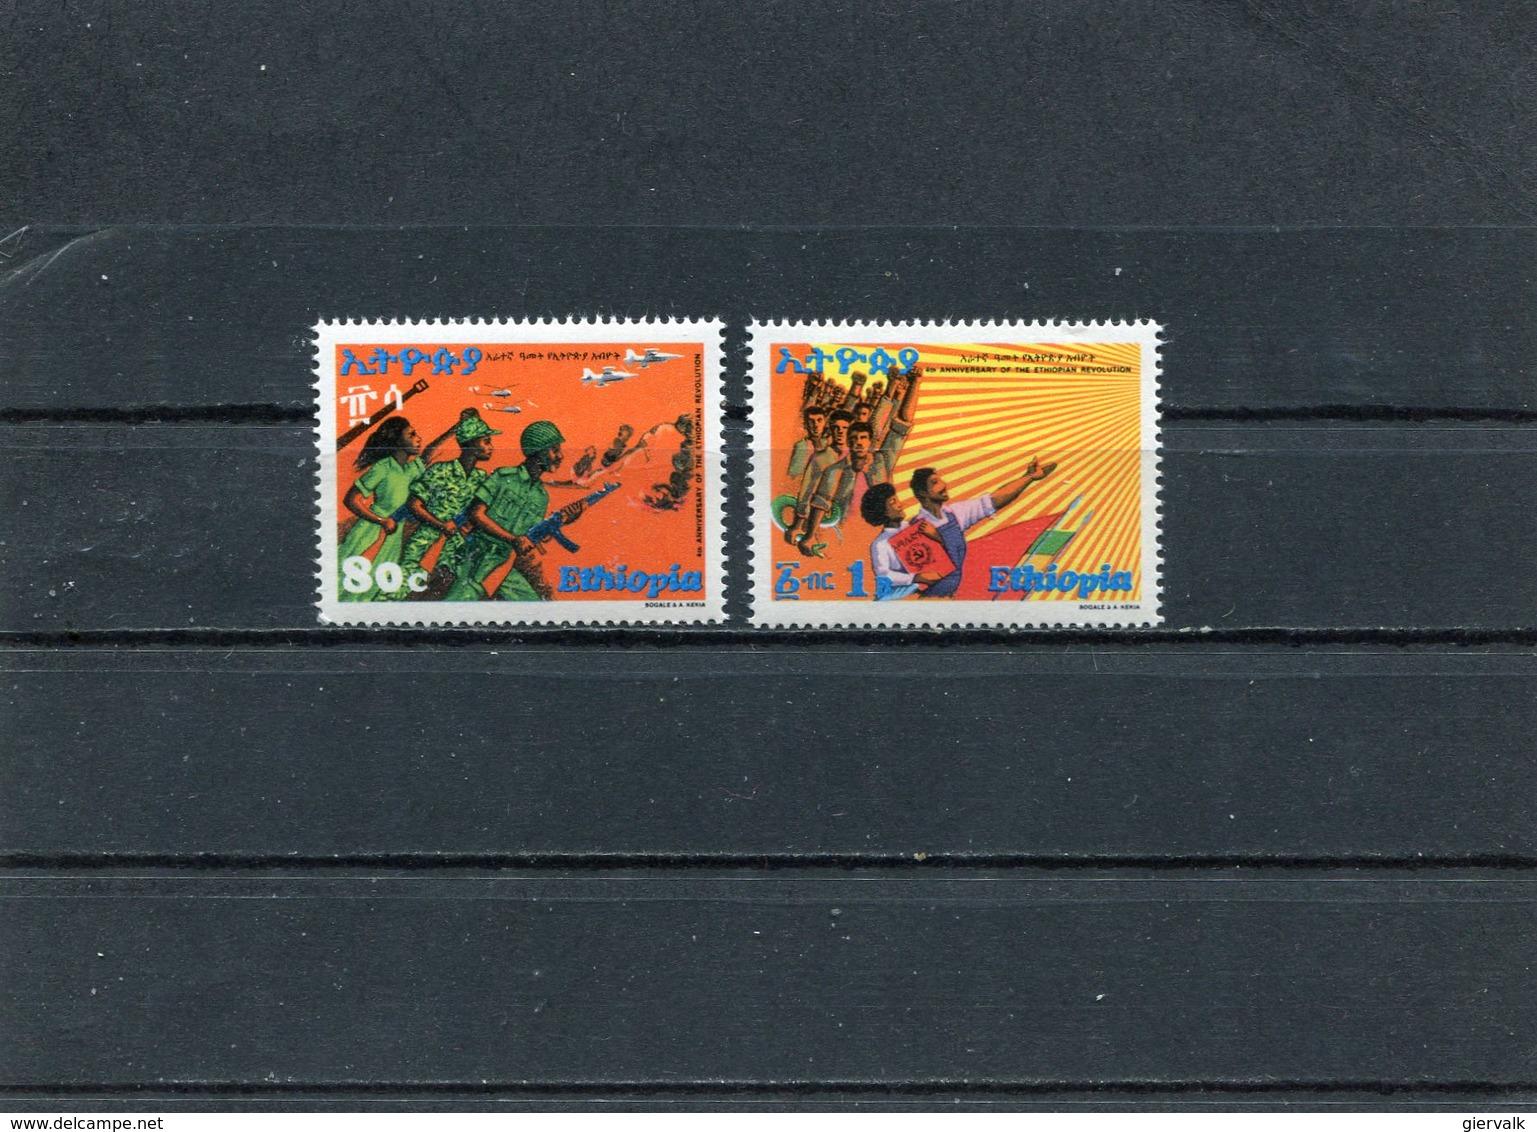 ETHIOPIA .1978 4th Ann. Of The Revolution.MNH. - Ethiopie